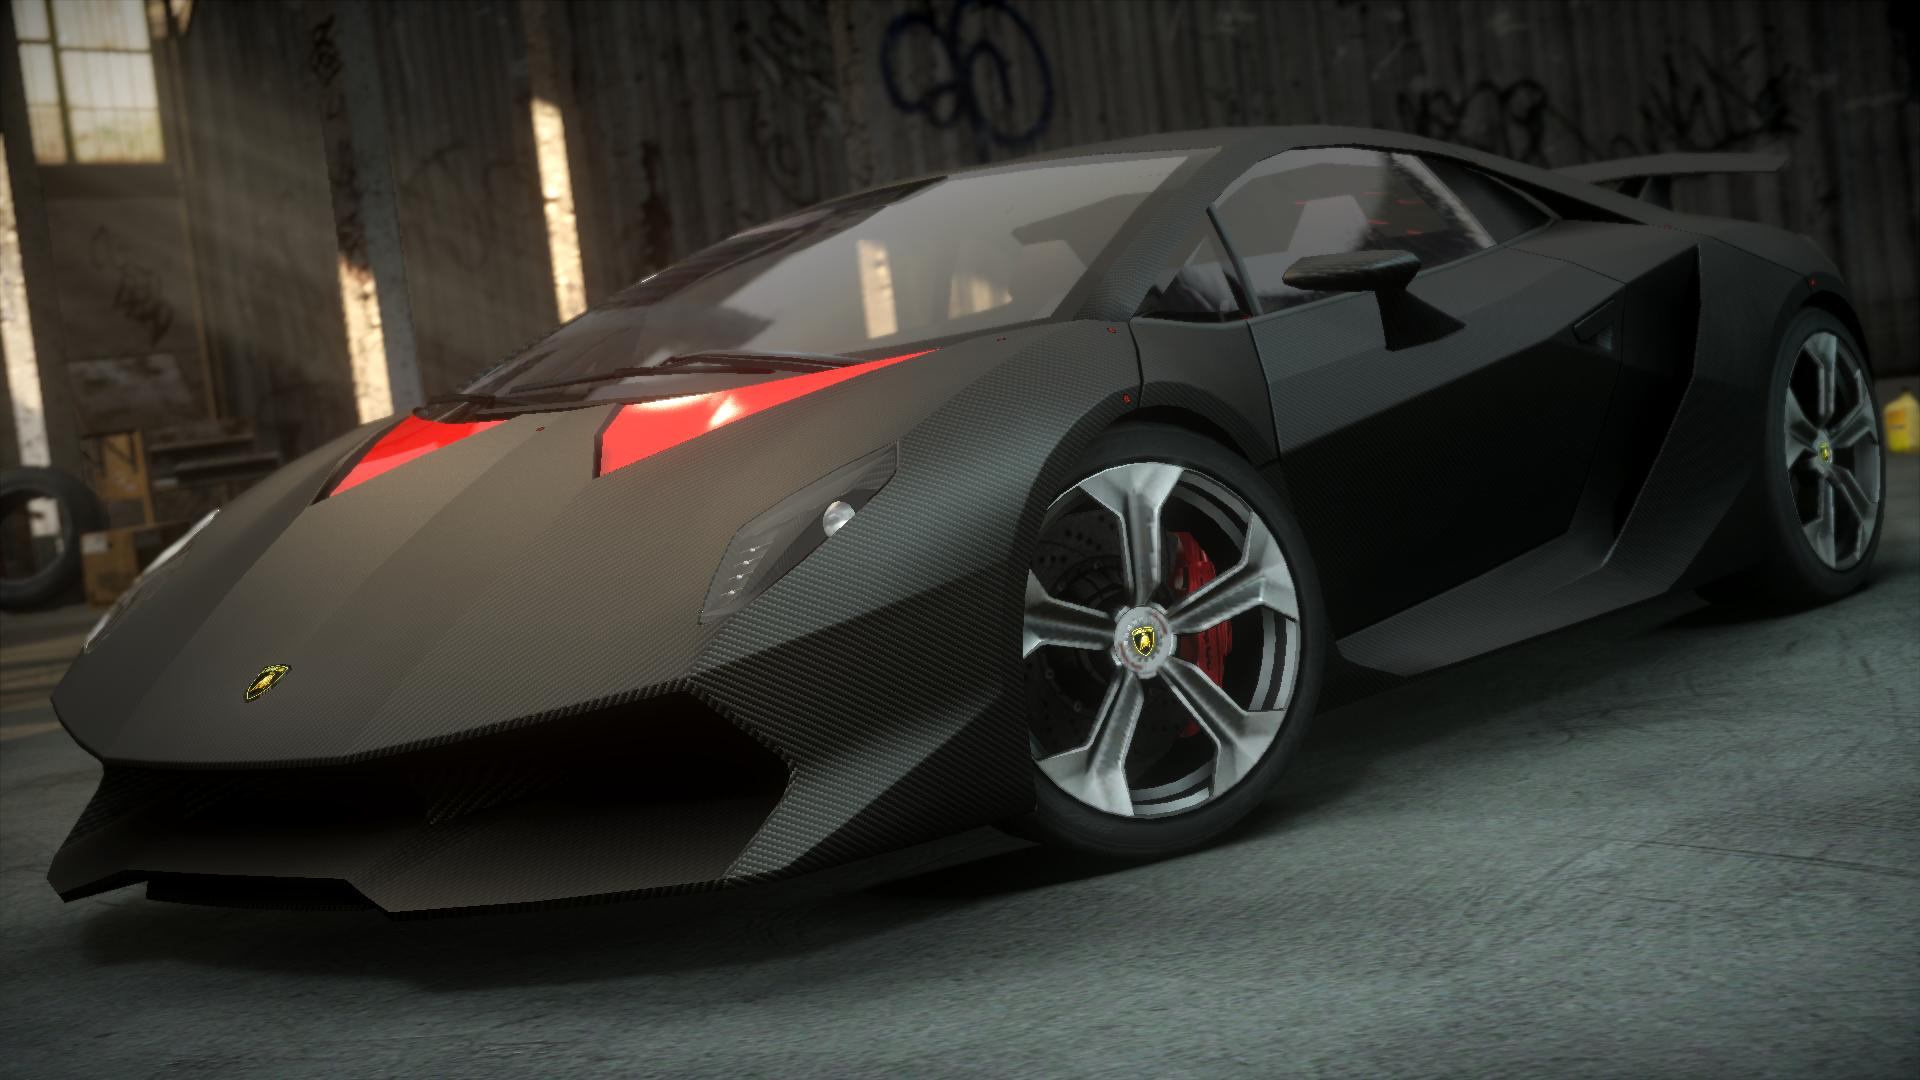 Lamborghini Sesto Elemento-2016 - My Site